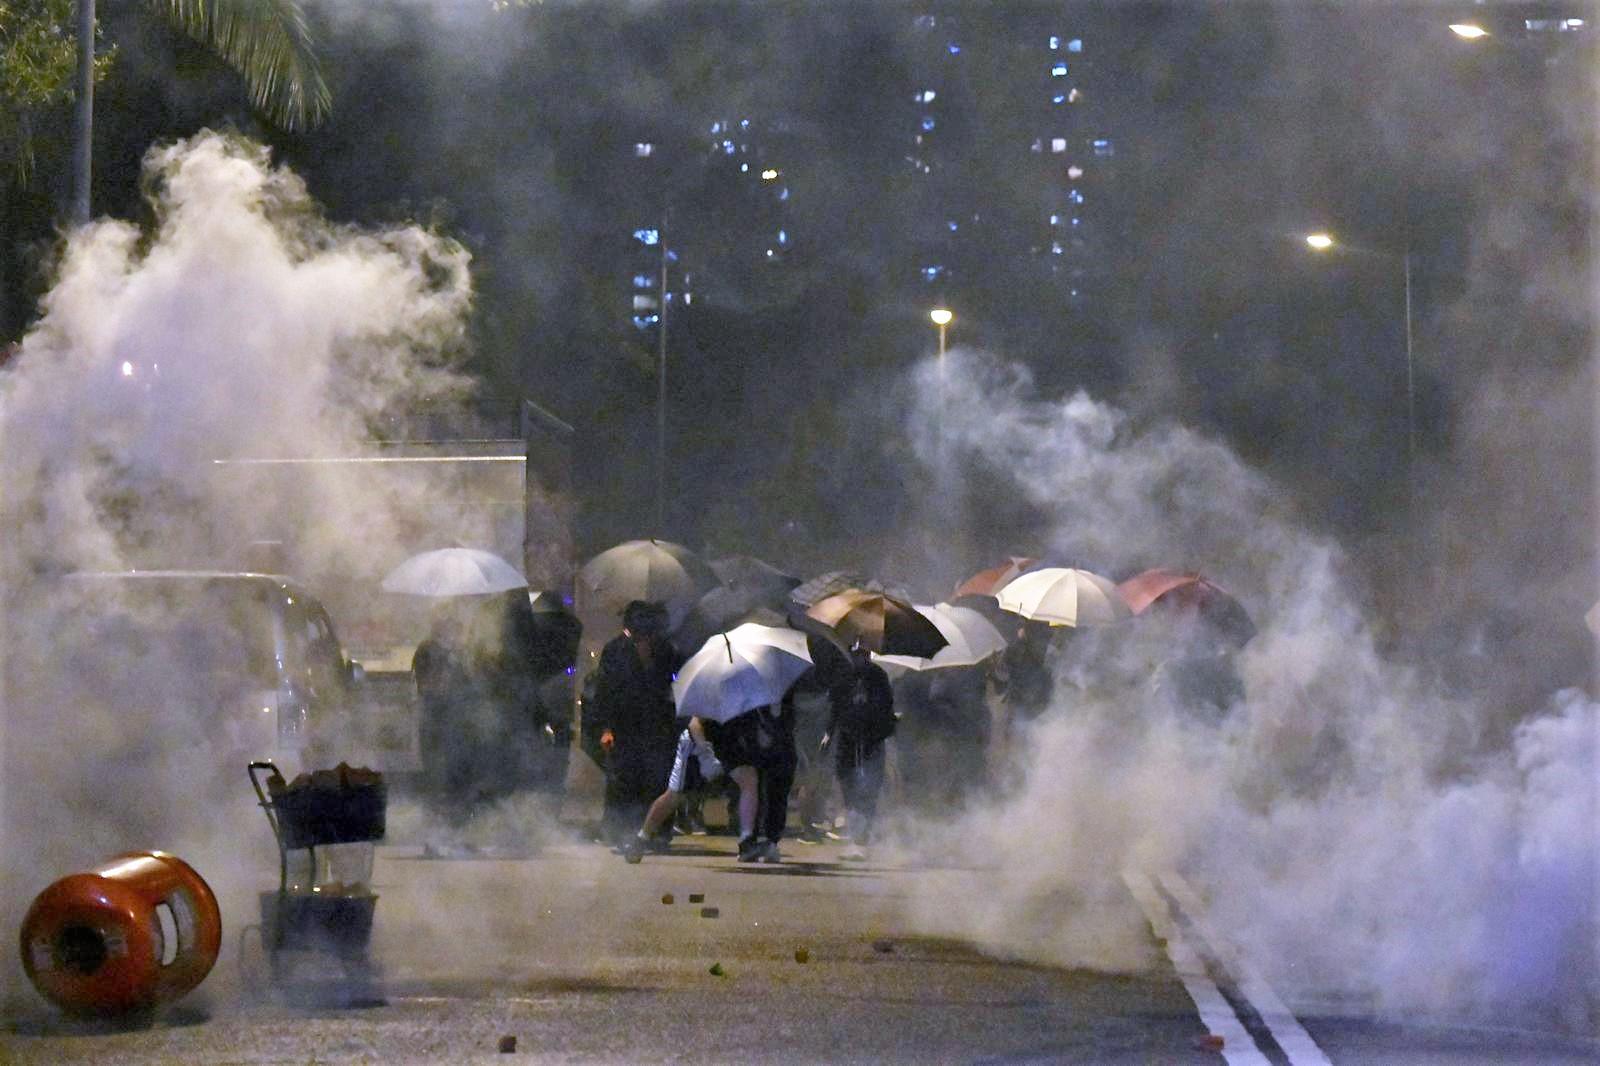 【修例风波】政府吁市民留意自身安全 严厉谴责暴力行为